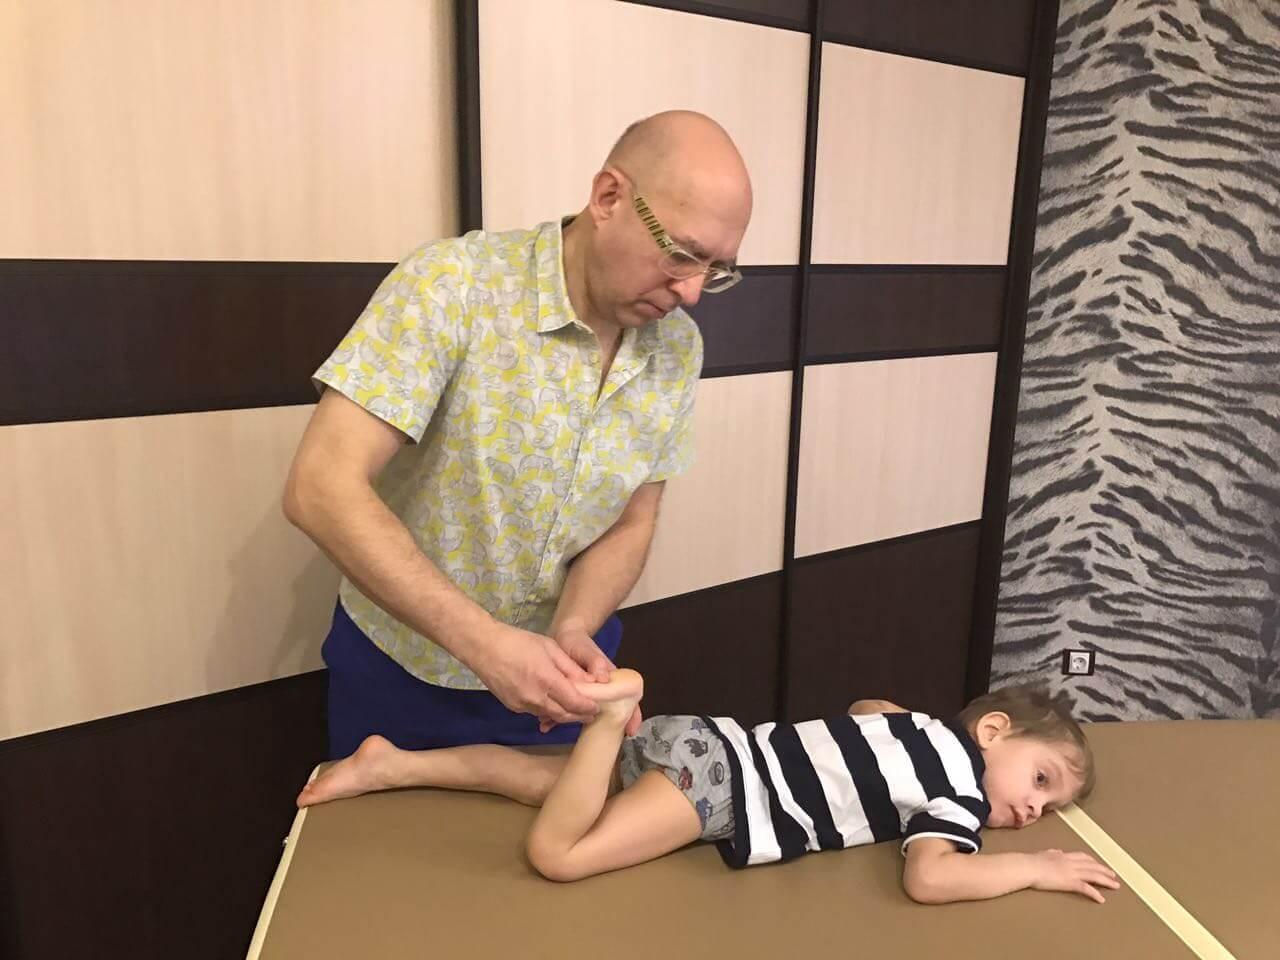 Е. комаровский: как научить ребенка ходить самостоятельно - что делать, если не ходит в 1 год и 2 месяца, когда начинает ходить без поддержки